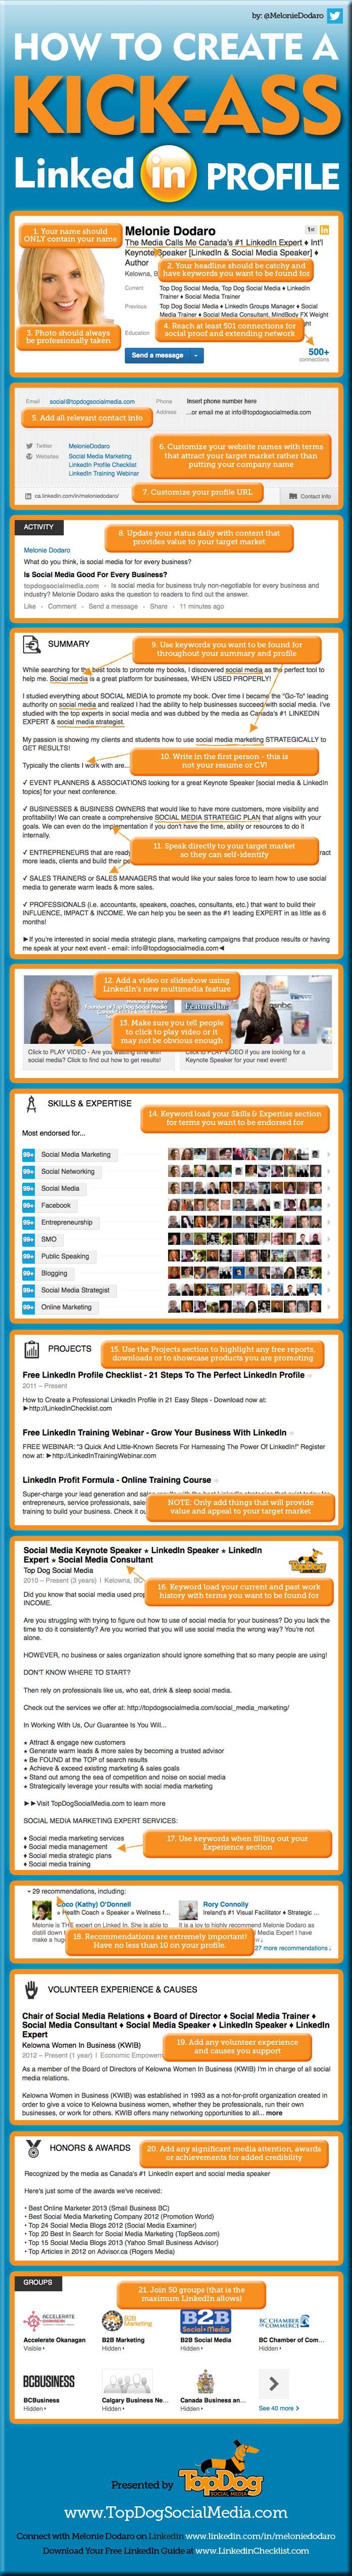 How to Create a Kick-ass Linkedin Profile (SMR)